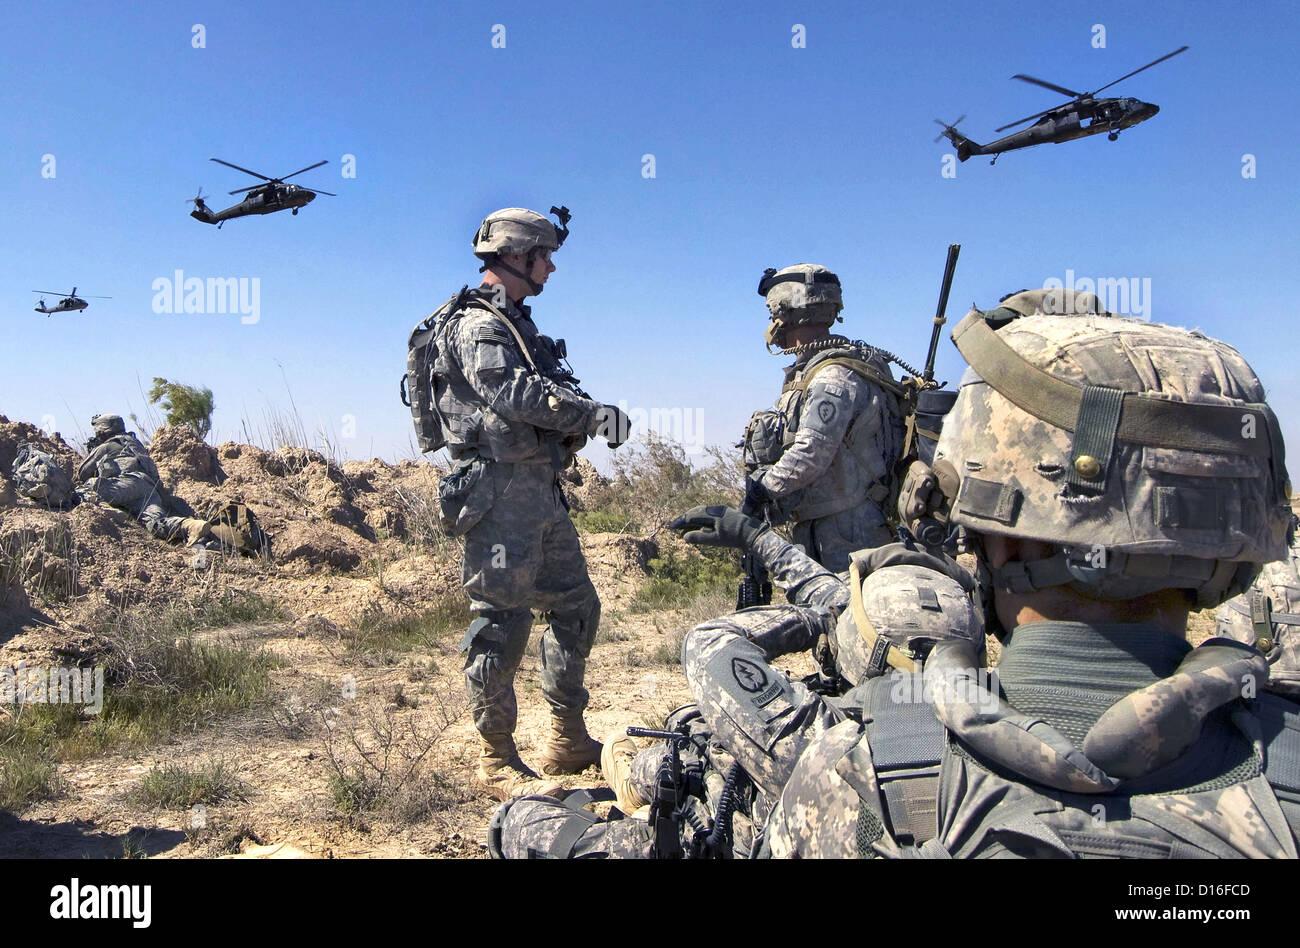 Les soldats nous attendre à être ramassé par des hélicoptères, 22 mars 2009 au sud de Balad Ruz, l'Iraq. Banque D'Images